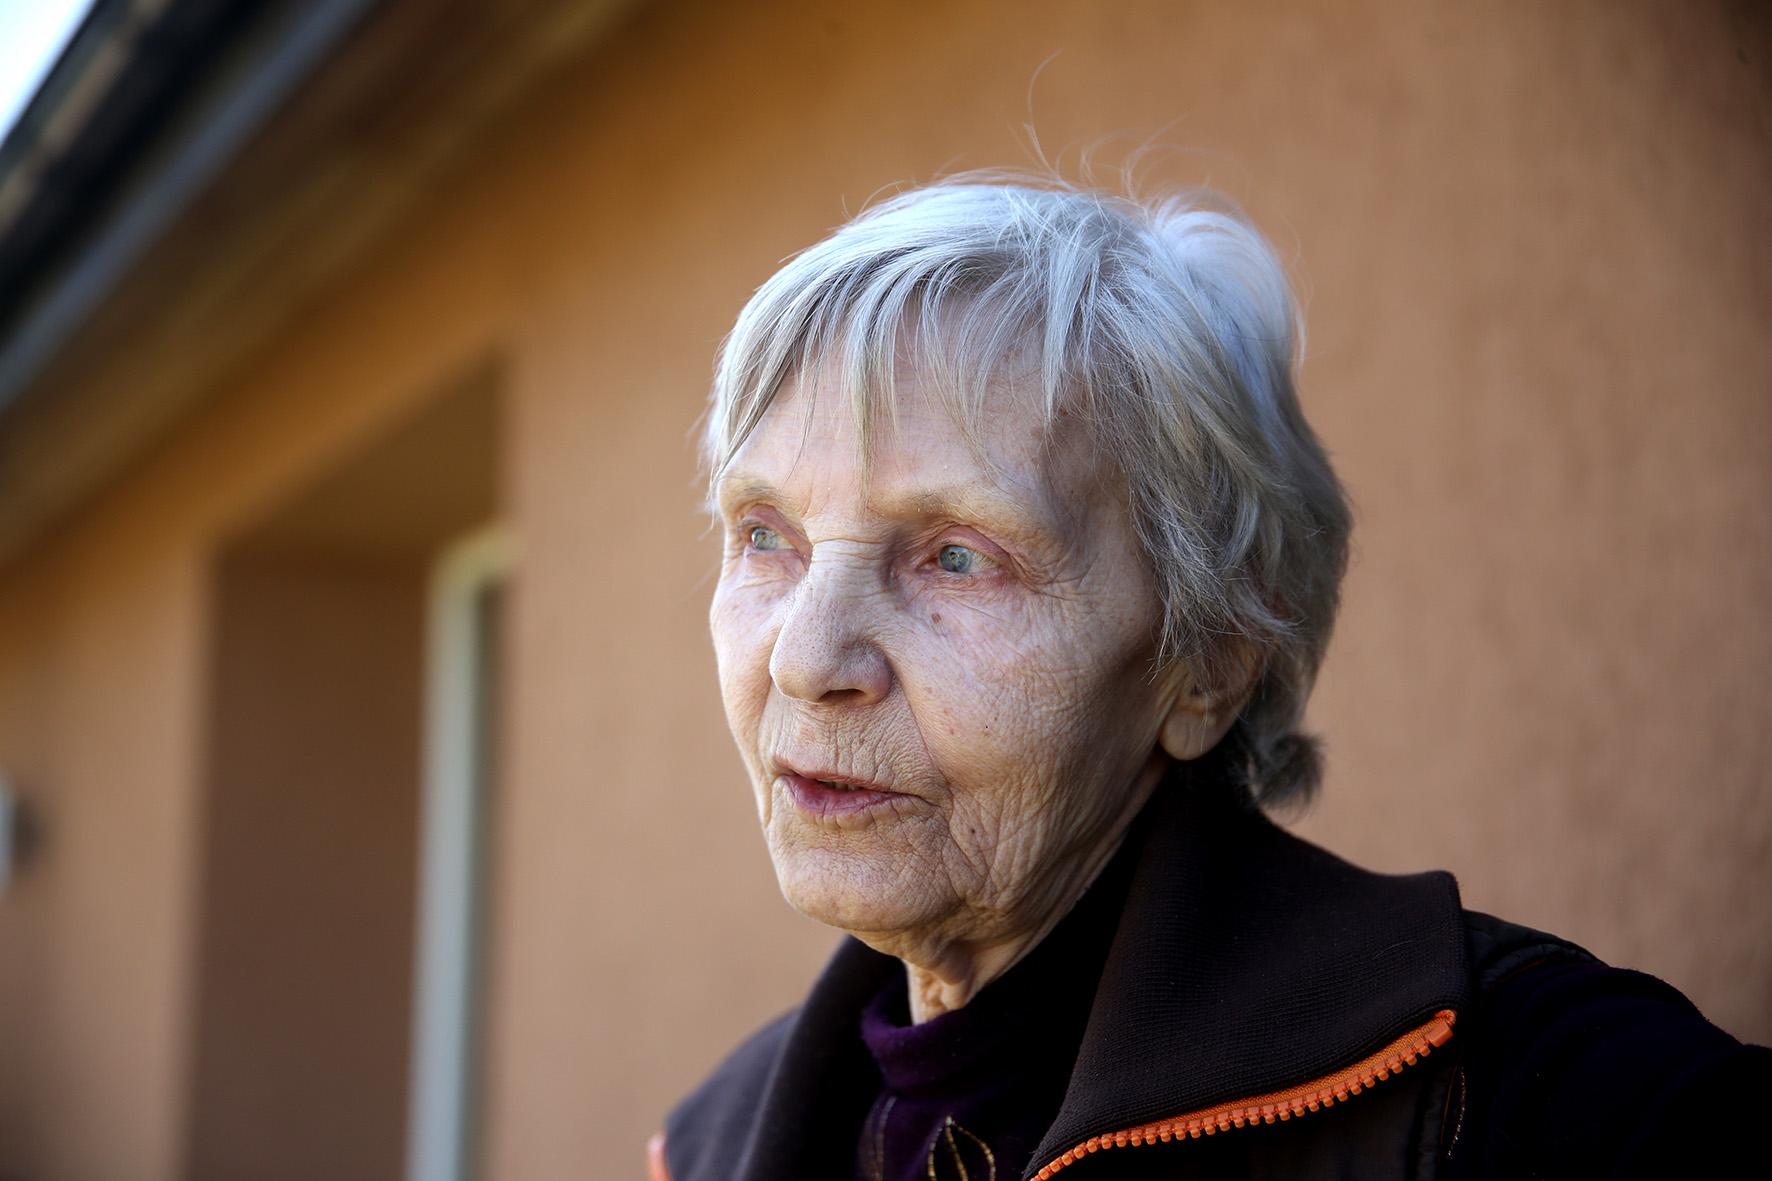 Iš didelės trobos išeina močiutė, kuri skuba su mumis pasilabinti. Tai ilgametė kaimelio gyventoja Valentina. Moteris kaime gyvena pusšimtį metų. Algimanto Barzdžiaus nuotr.